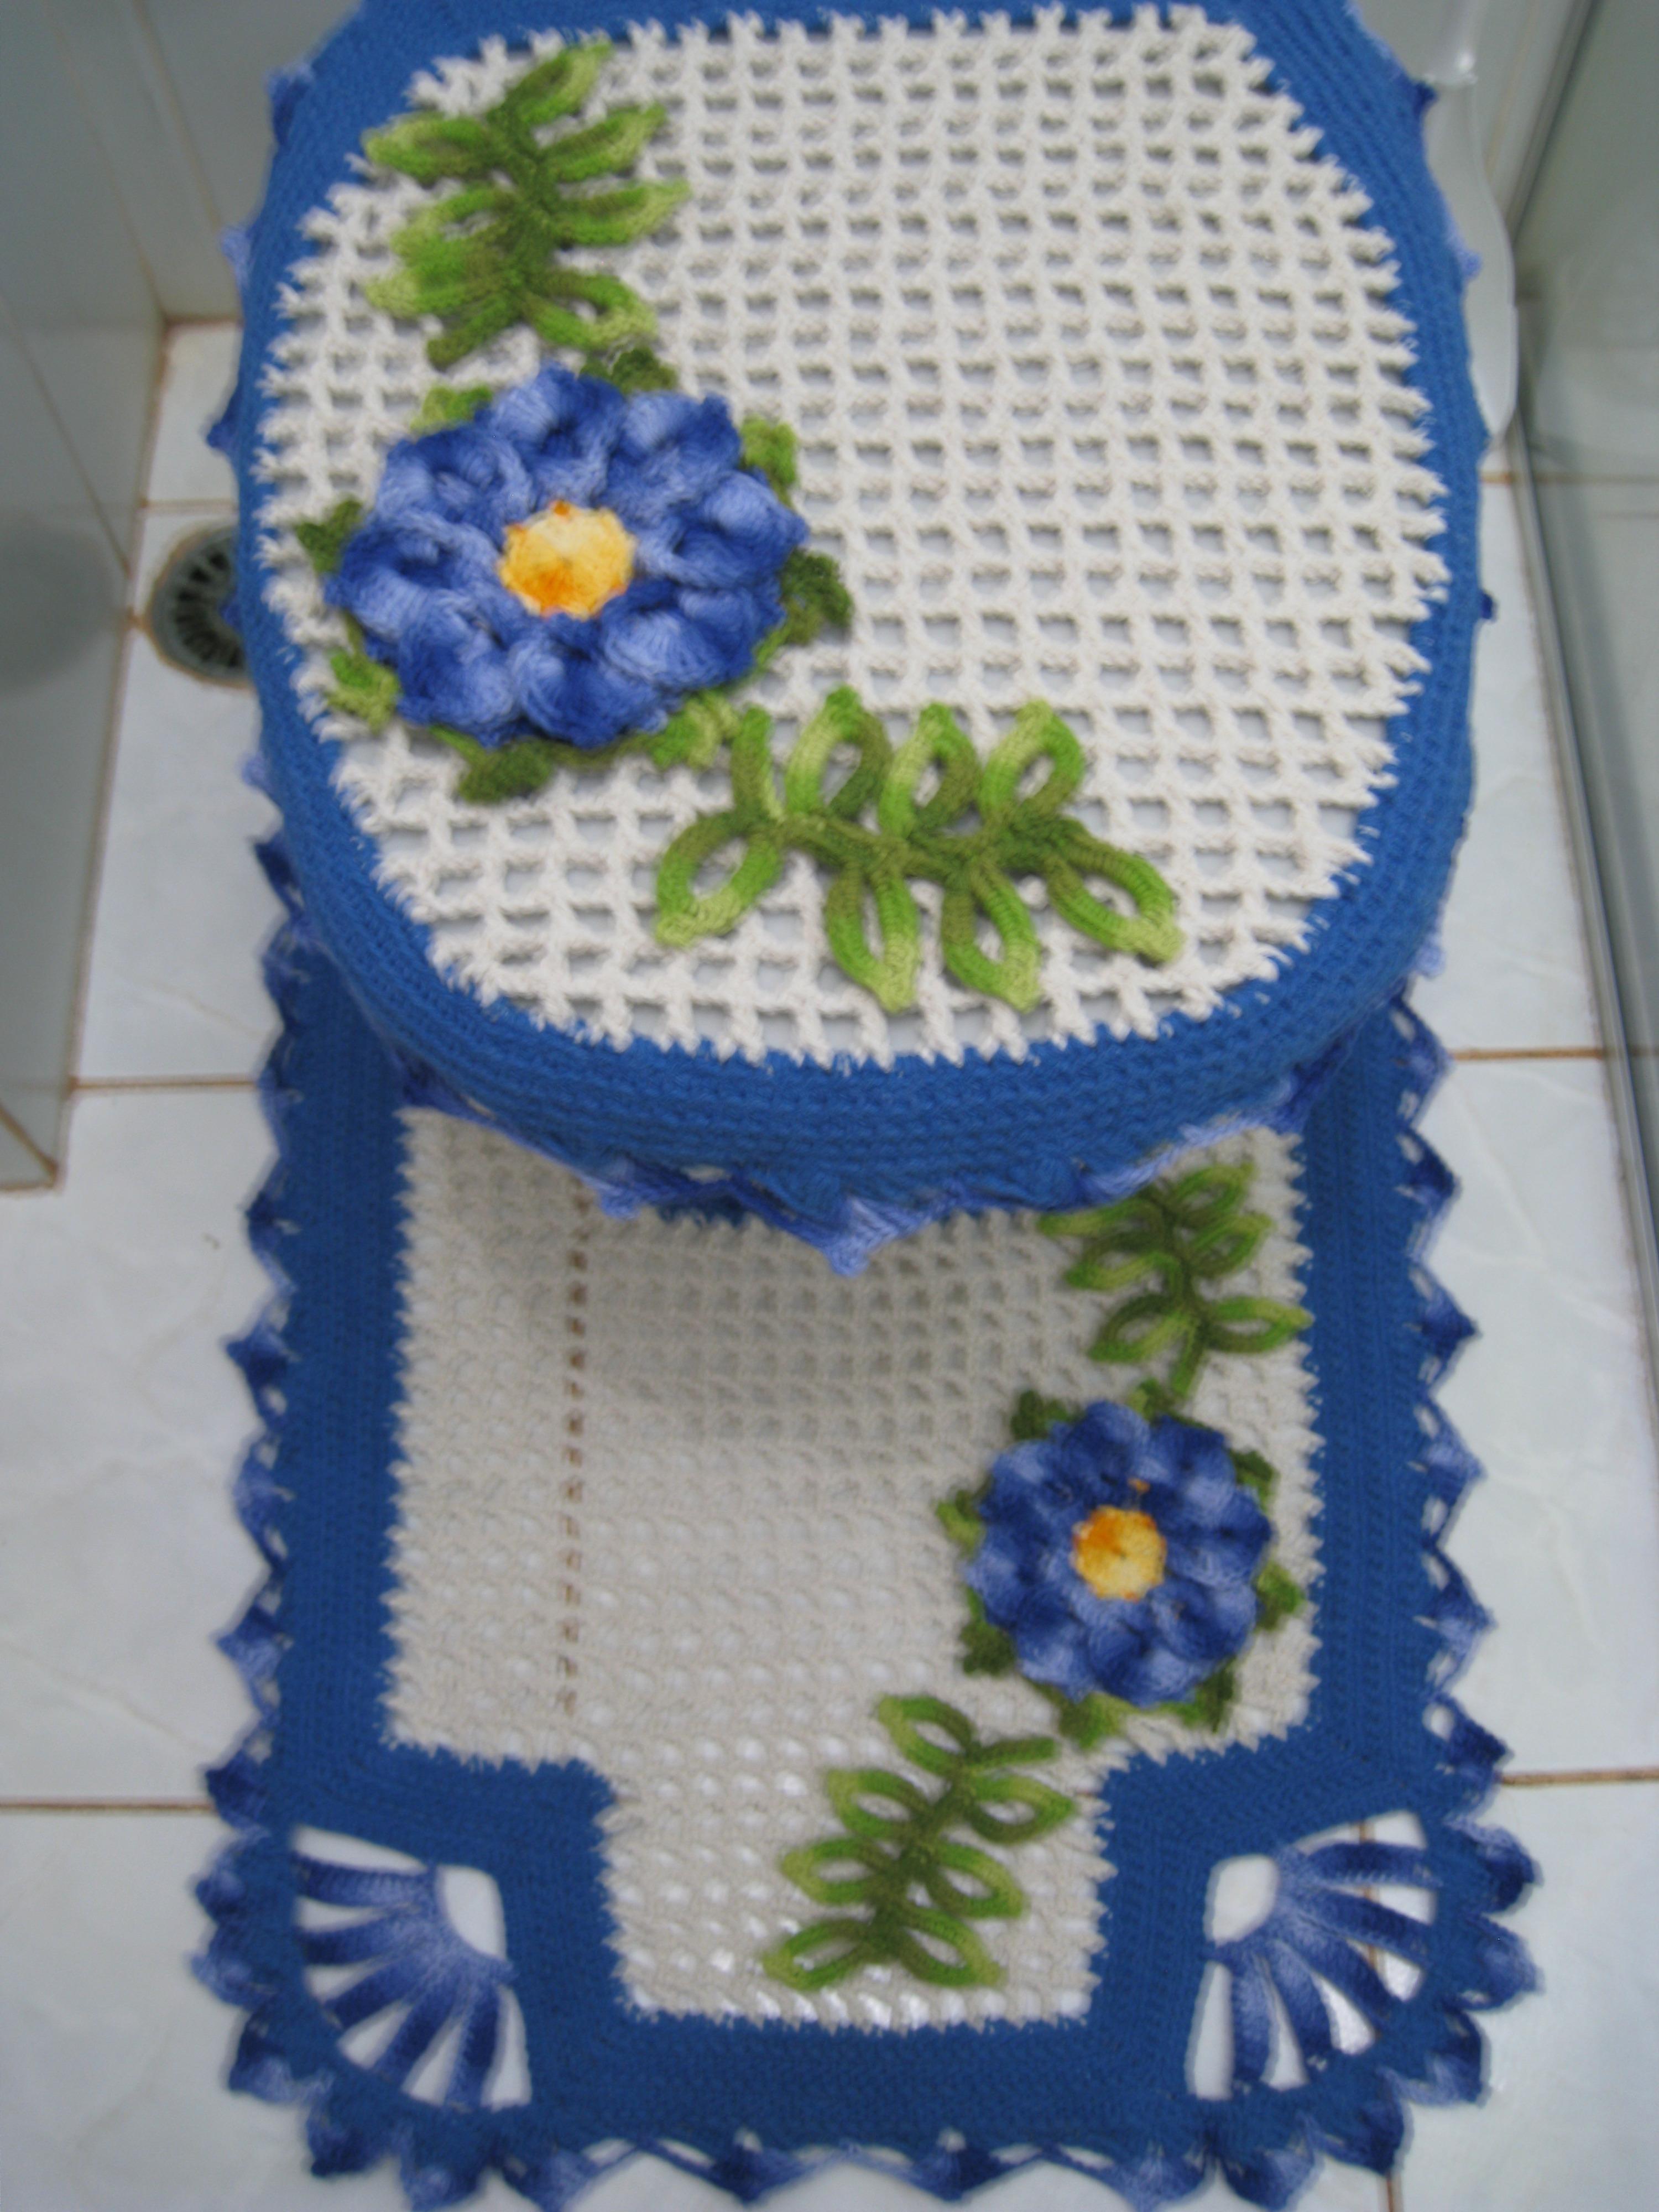 jogo de banheiro jardim encantado jogo de banheiro jardim encantado #233F73 3000x4000 Banheiro De Jardim